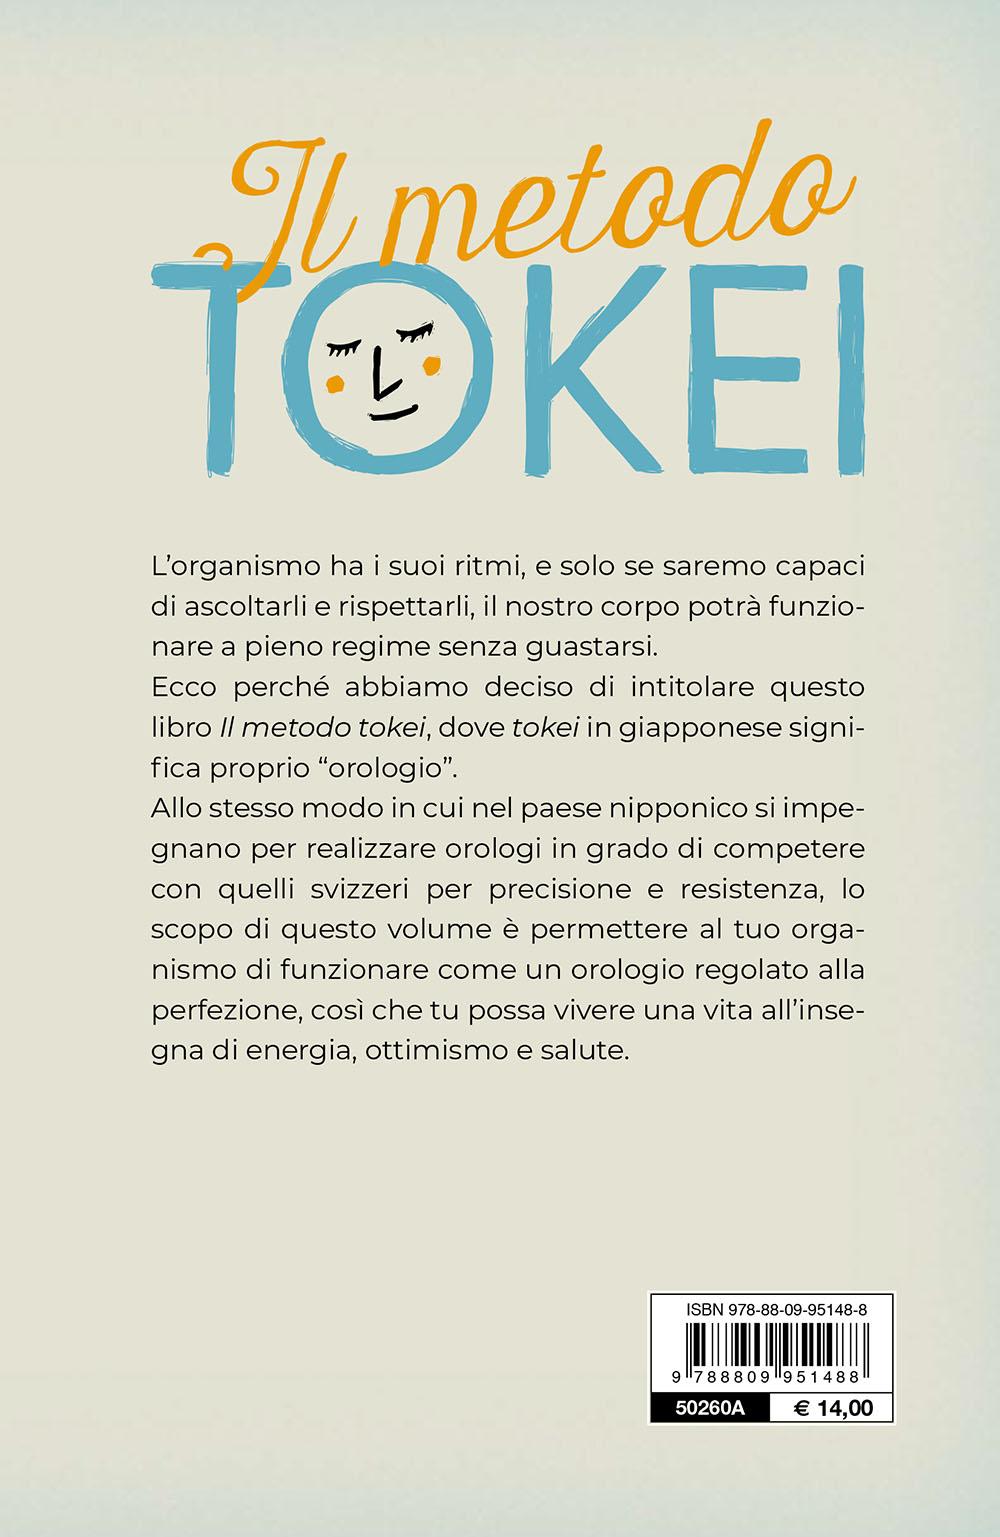 Il metodo tokei